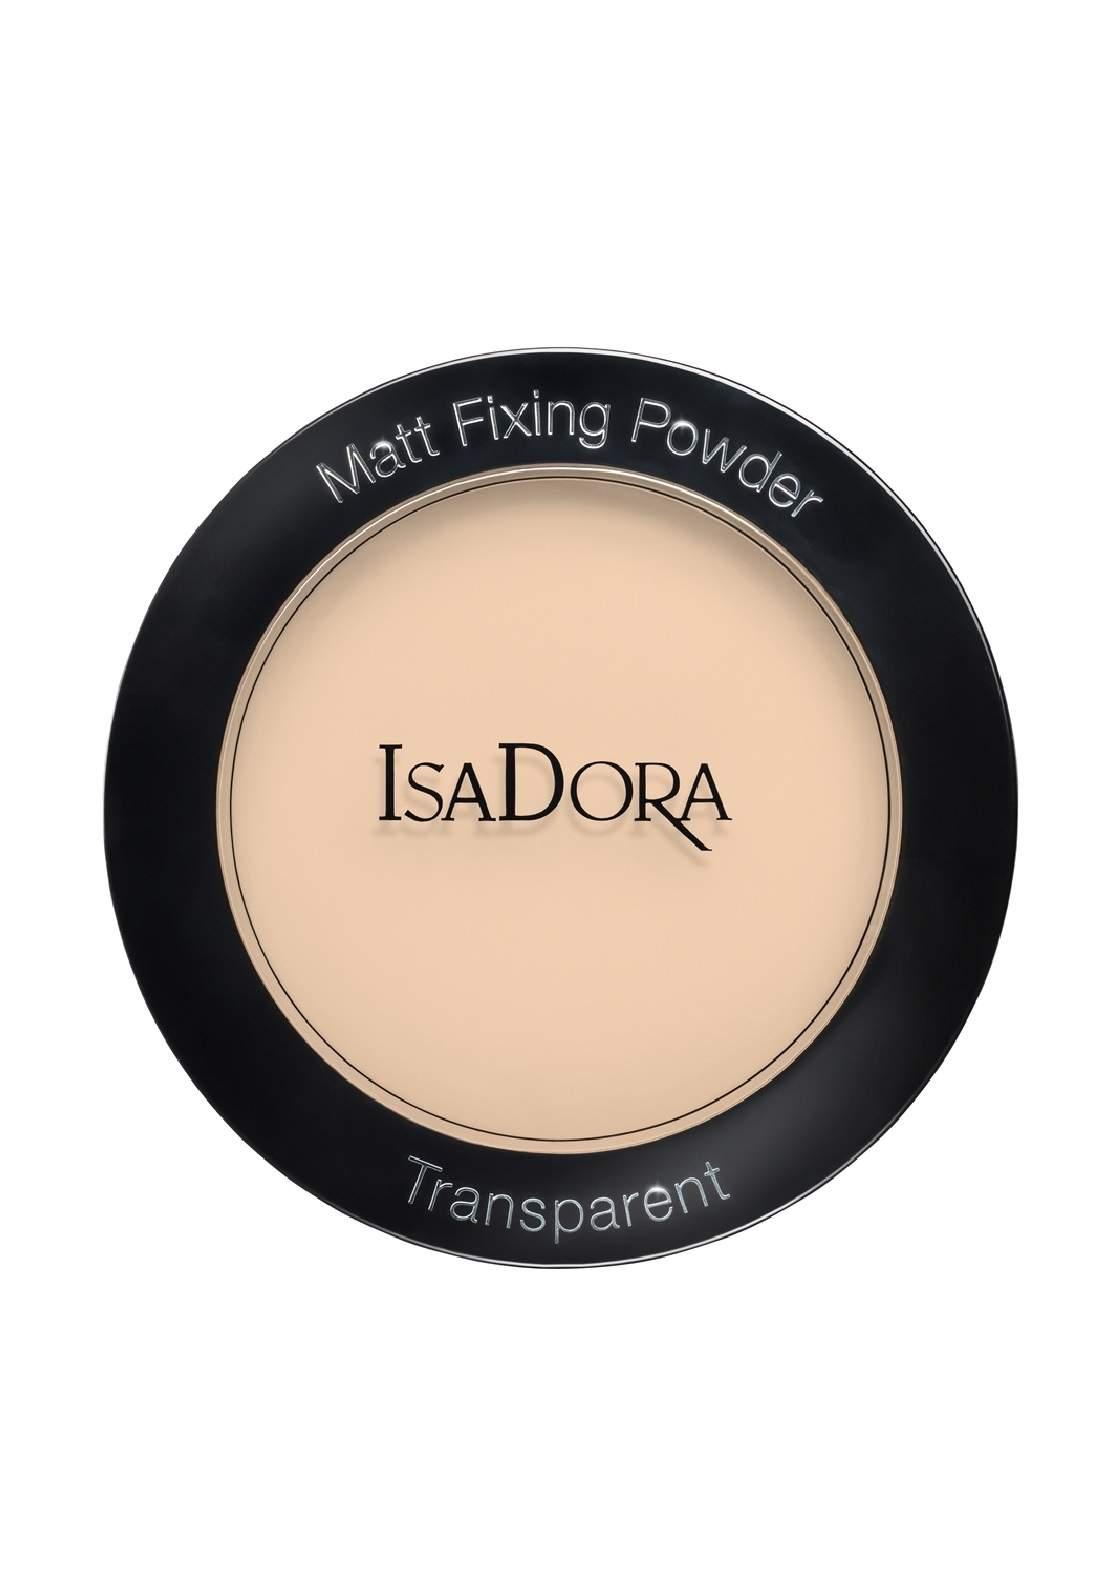 IsaDora 314337Matt Fixing Blotting Powder - Sheer Nude بودرة شفافة